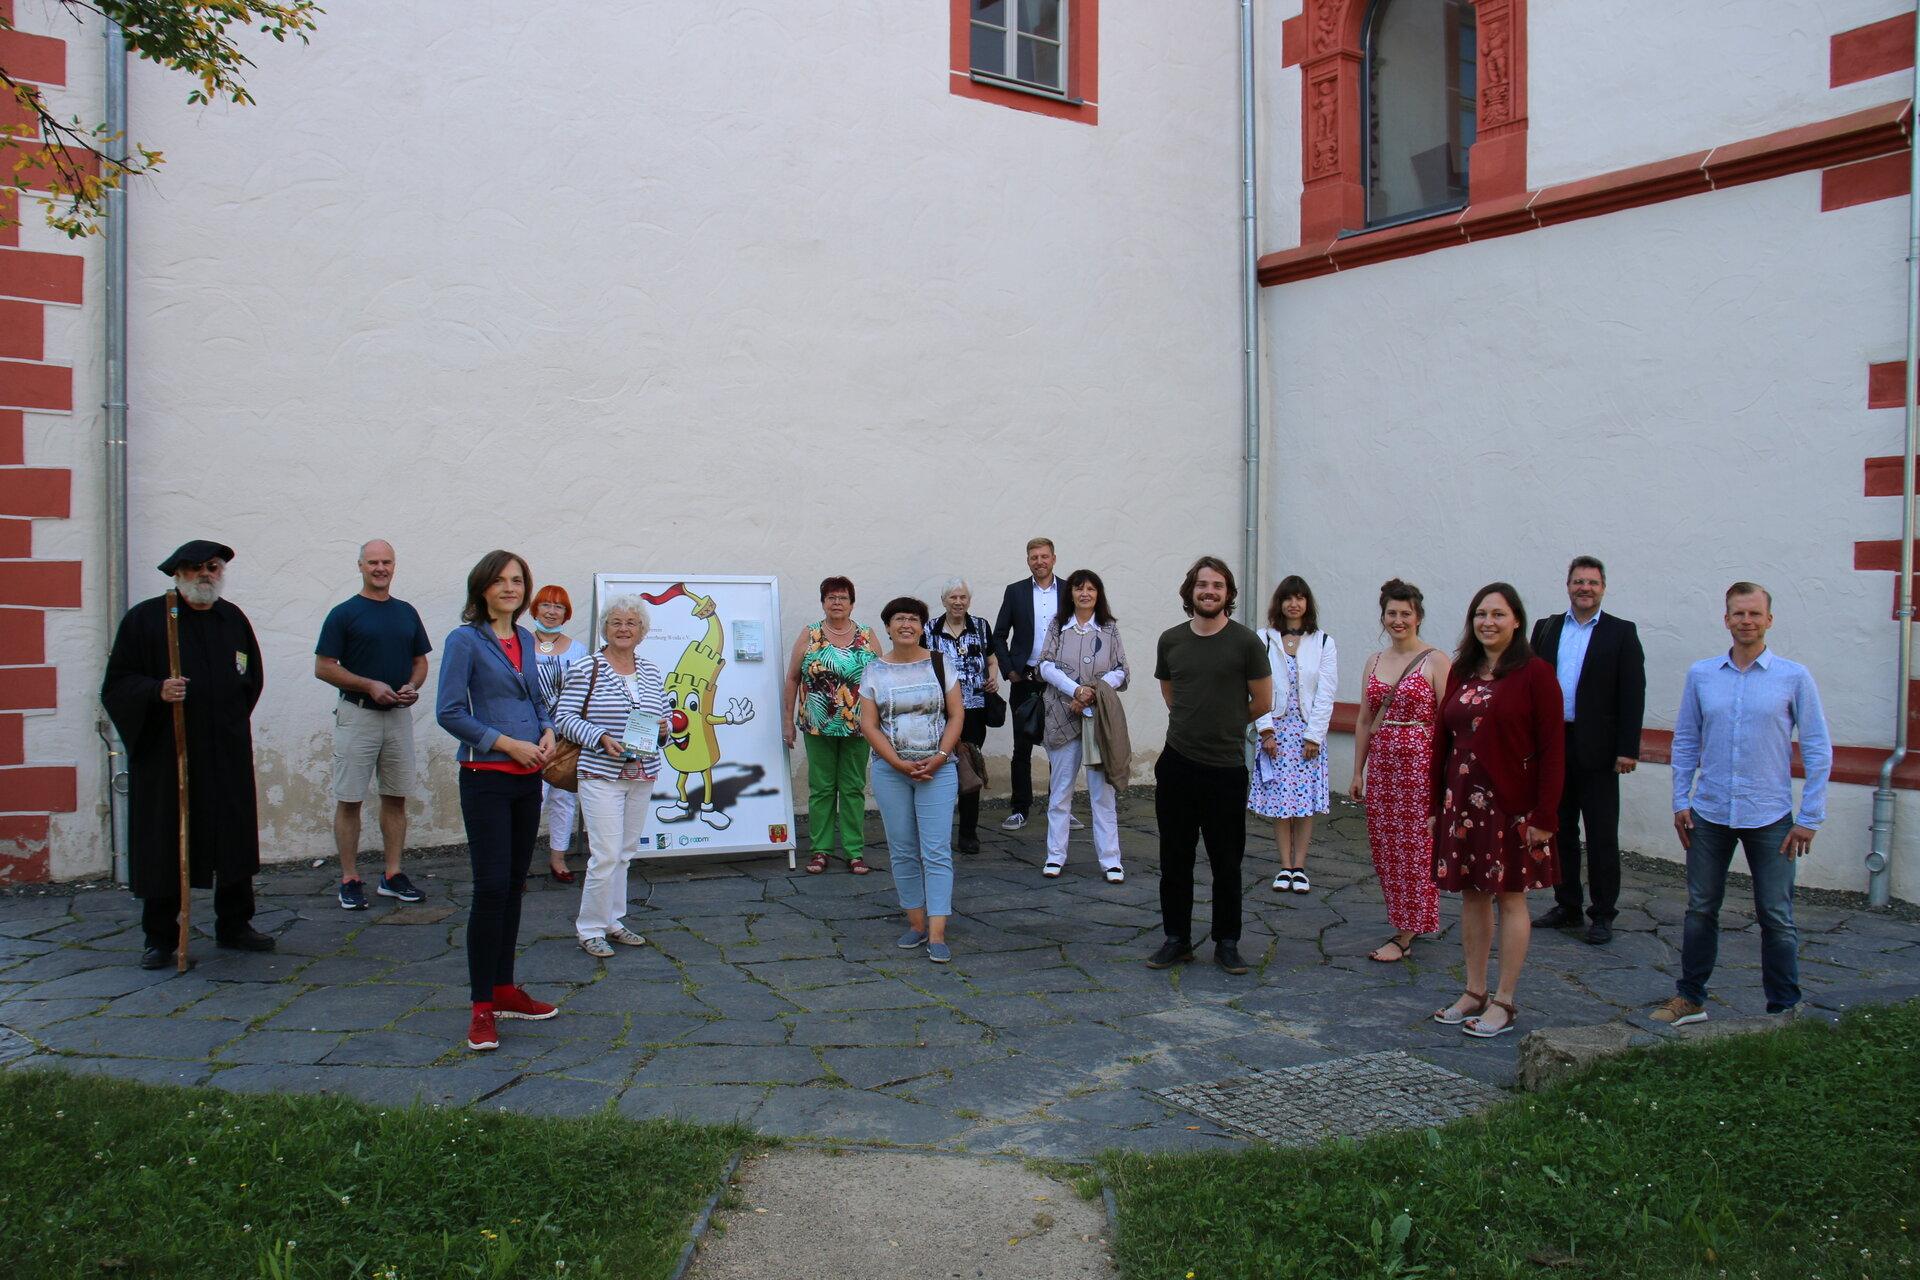 Gruppenbild im Burghof